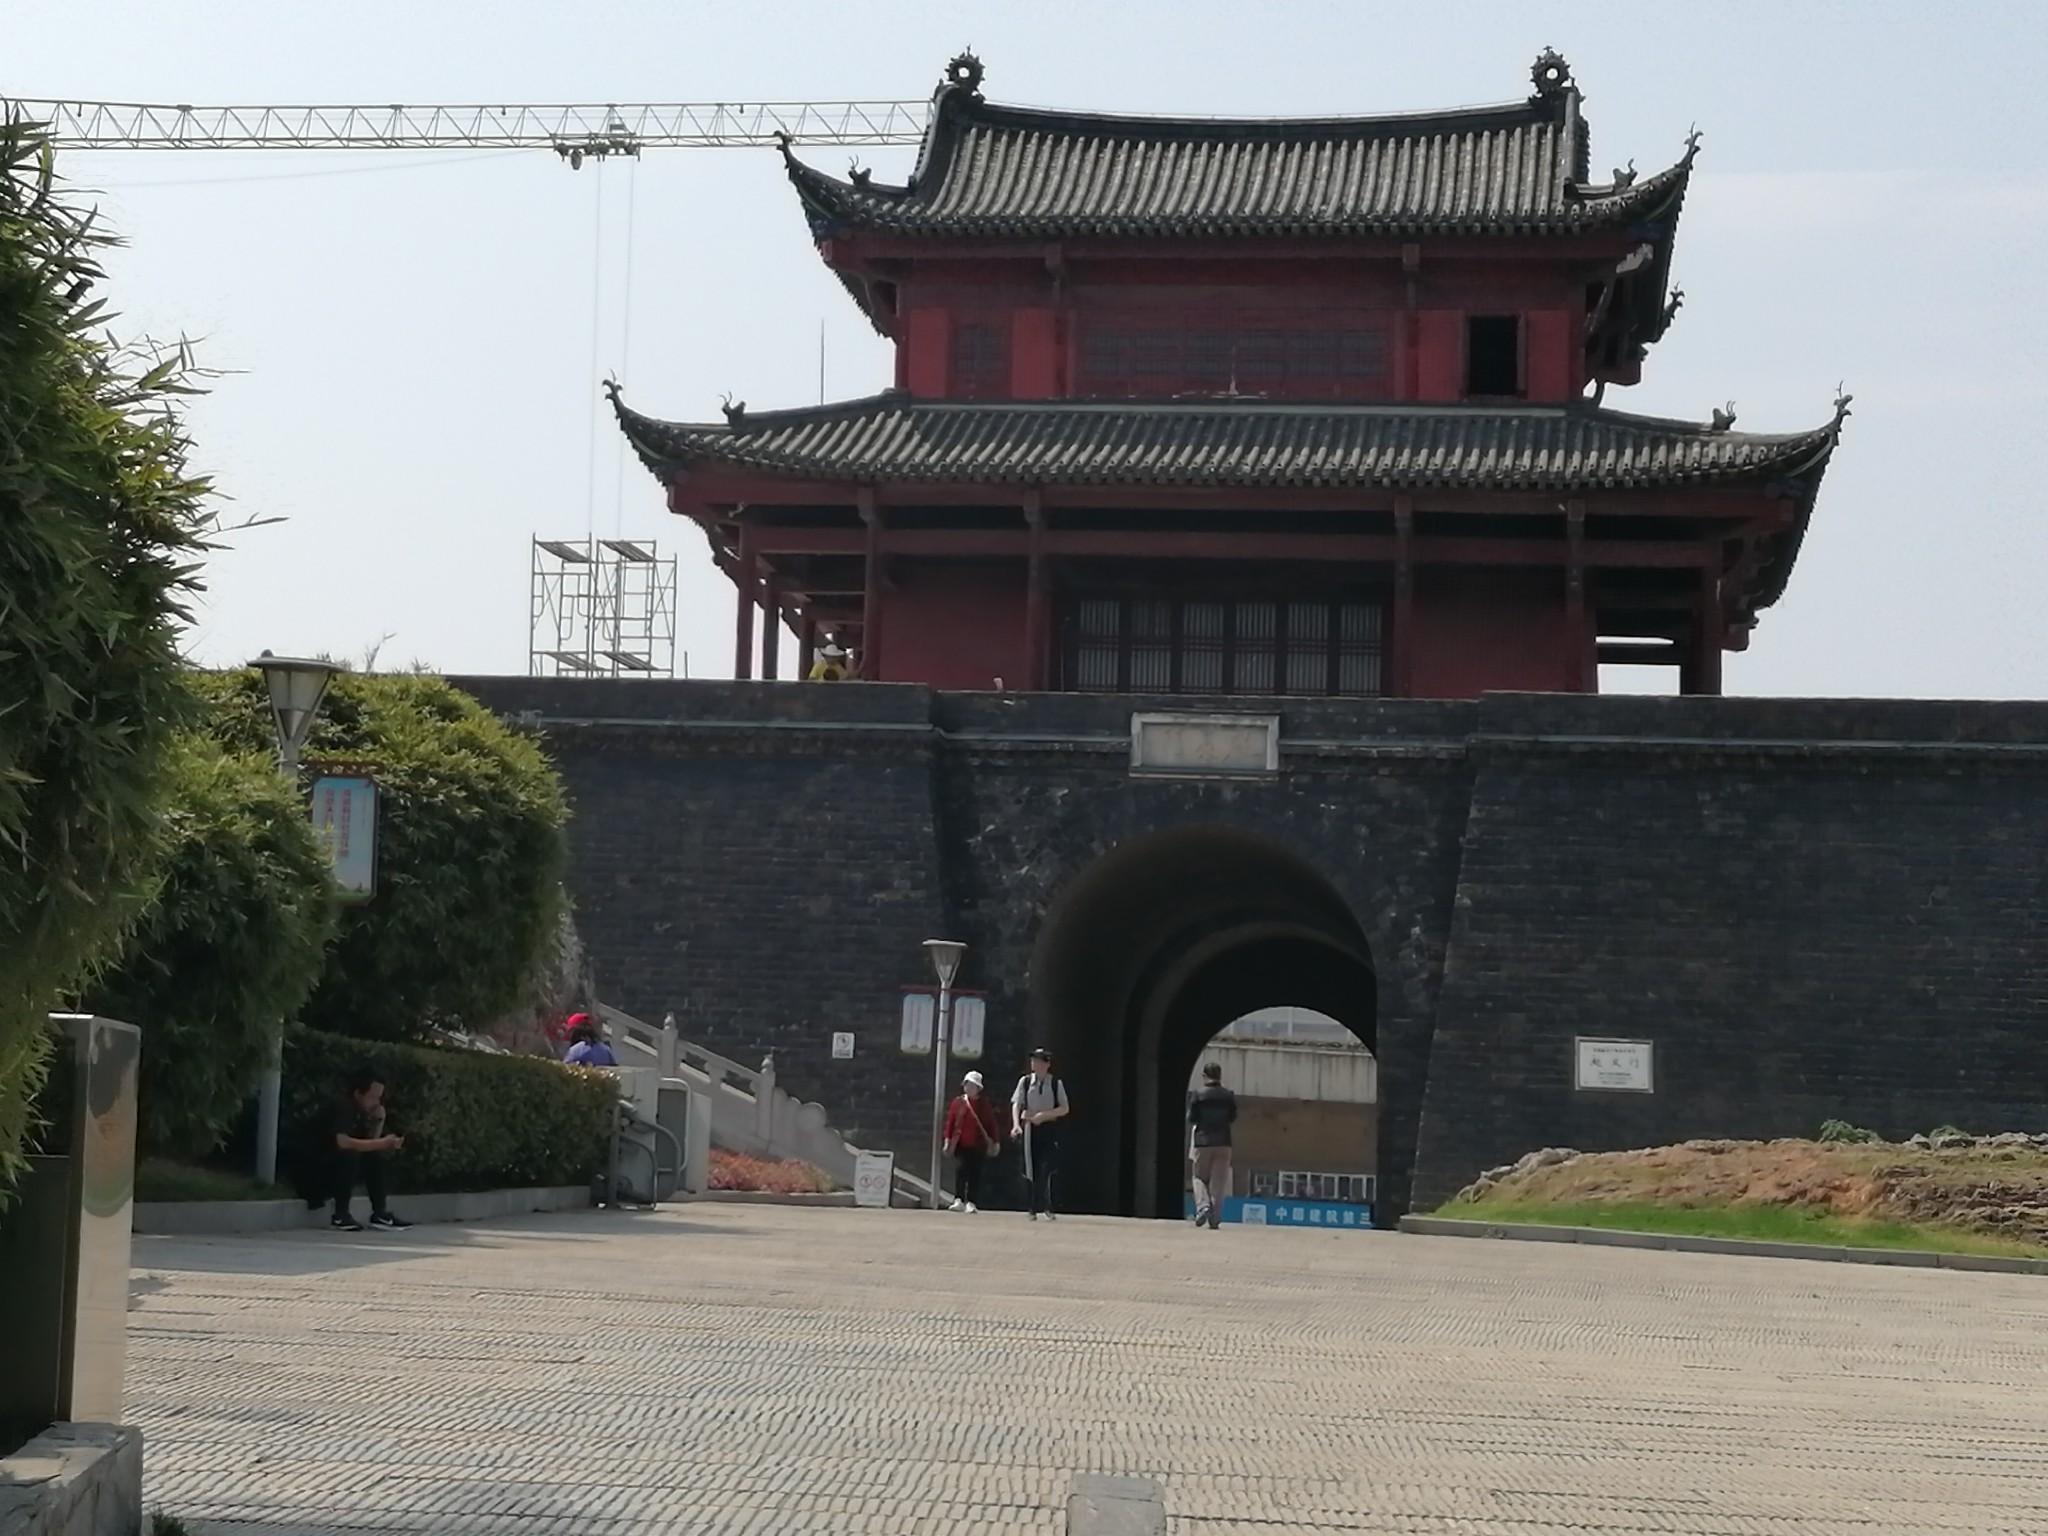 追忆武昌首义结束帝制、武汉成为全国革命中心